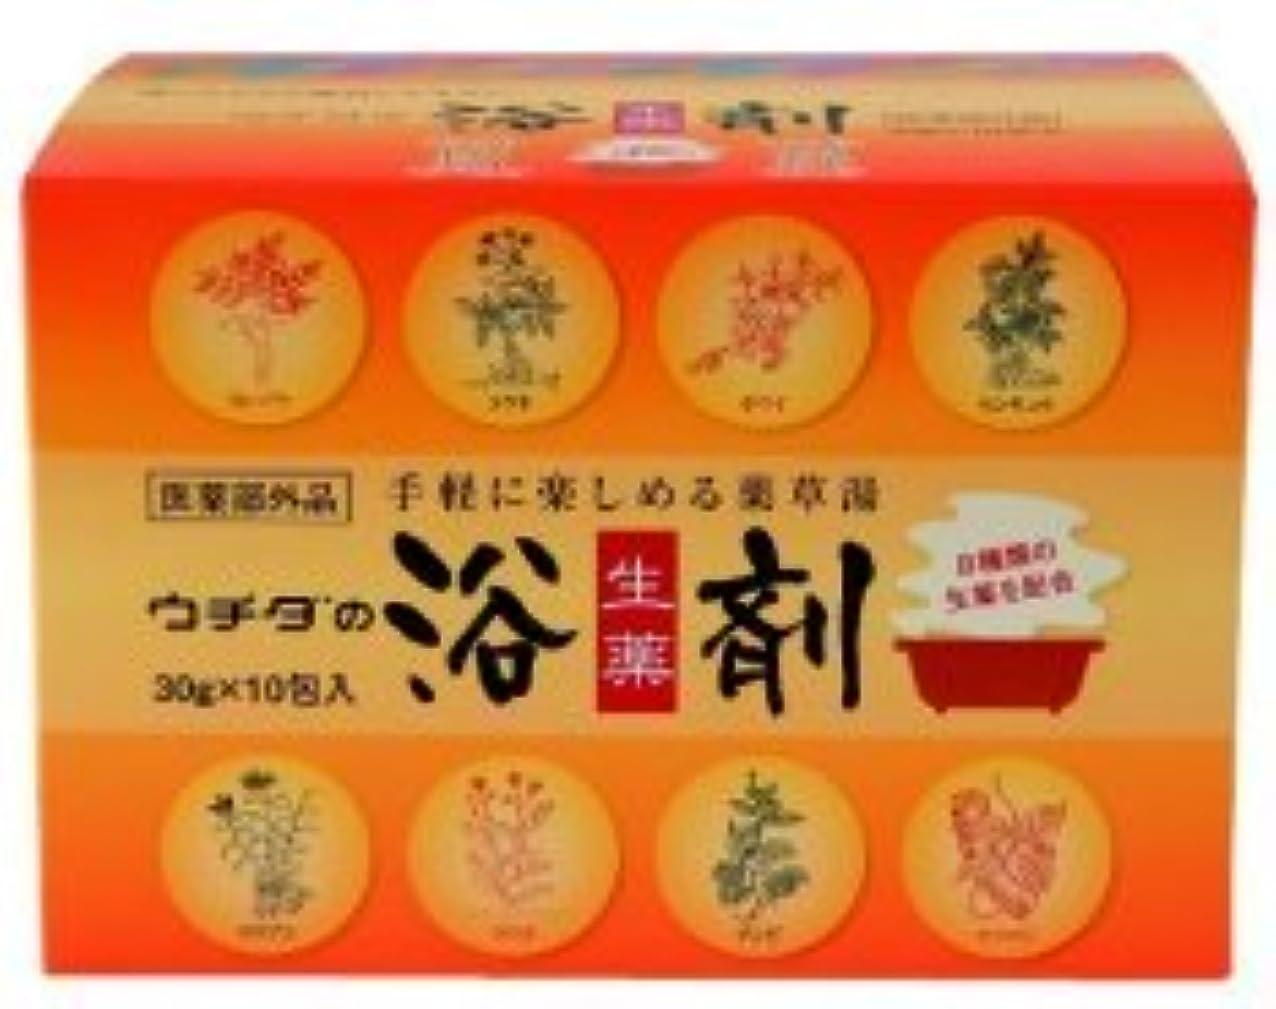 インテリア太字チャンピオン★6包おまけ付き?ウチダの浴剤30g×10包入×12個